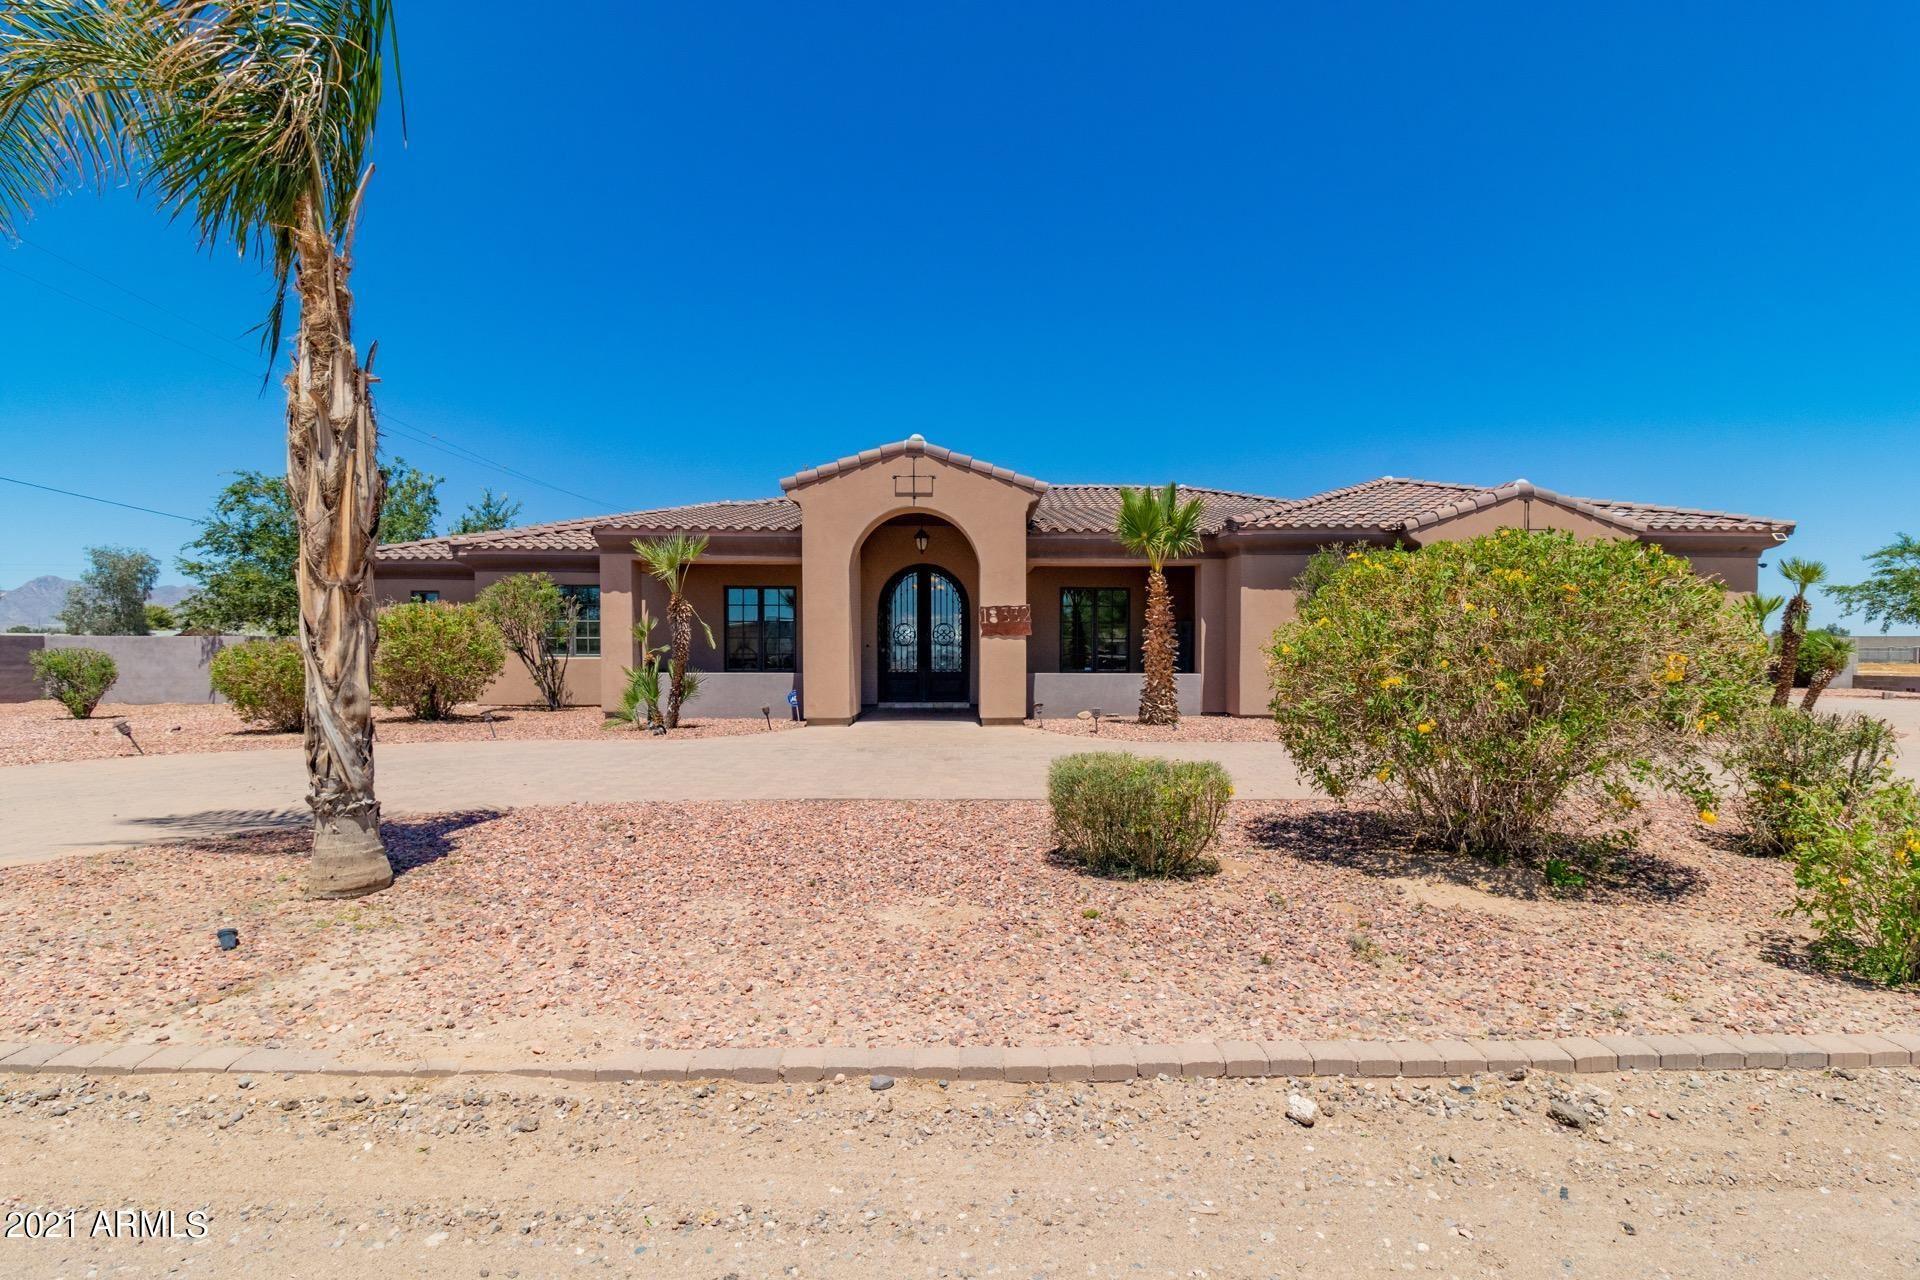 18332 W LATHAM Street, Goodyear, AZ 85338 - MLS#: 6231027